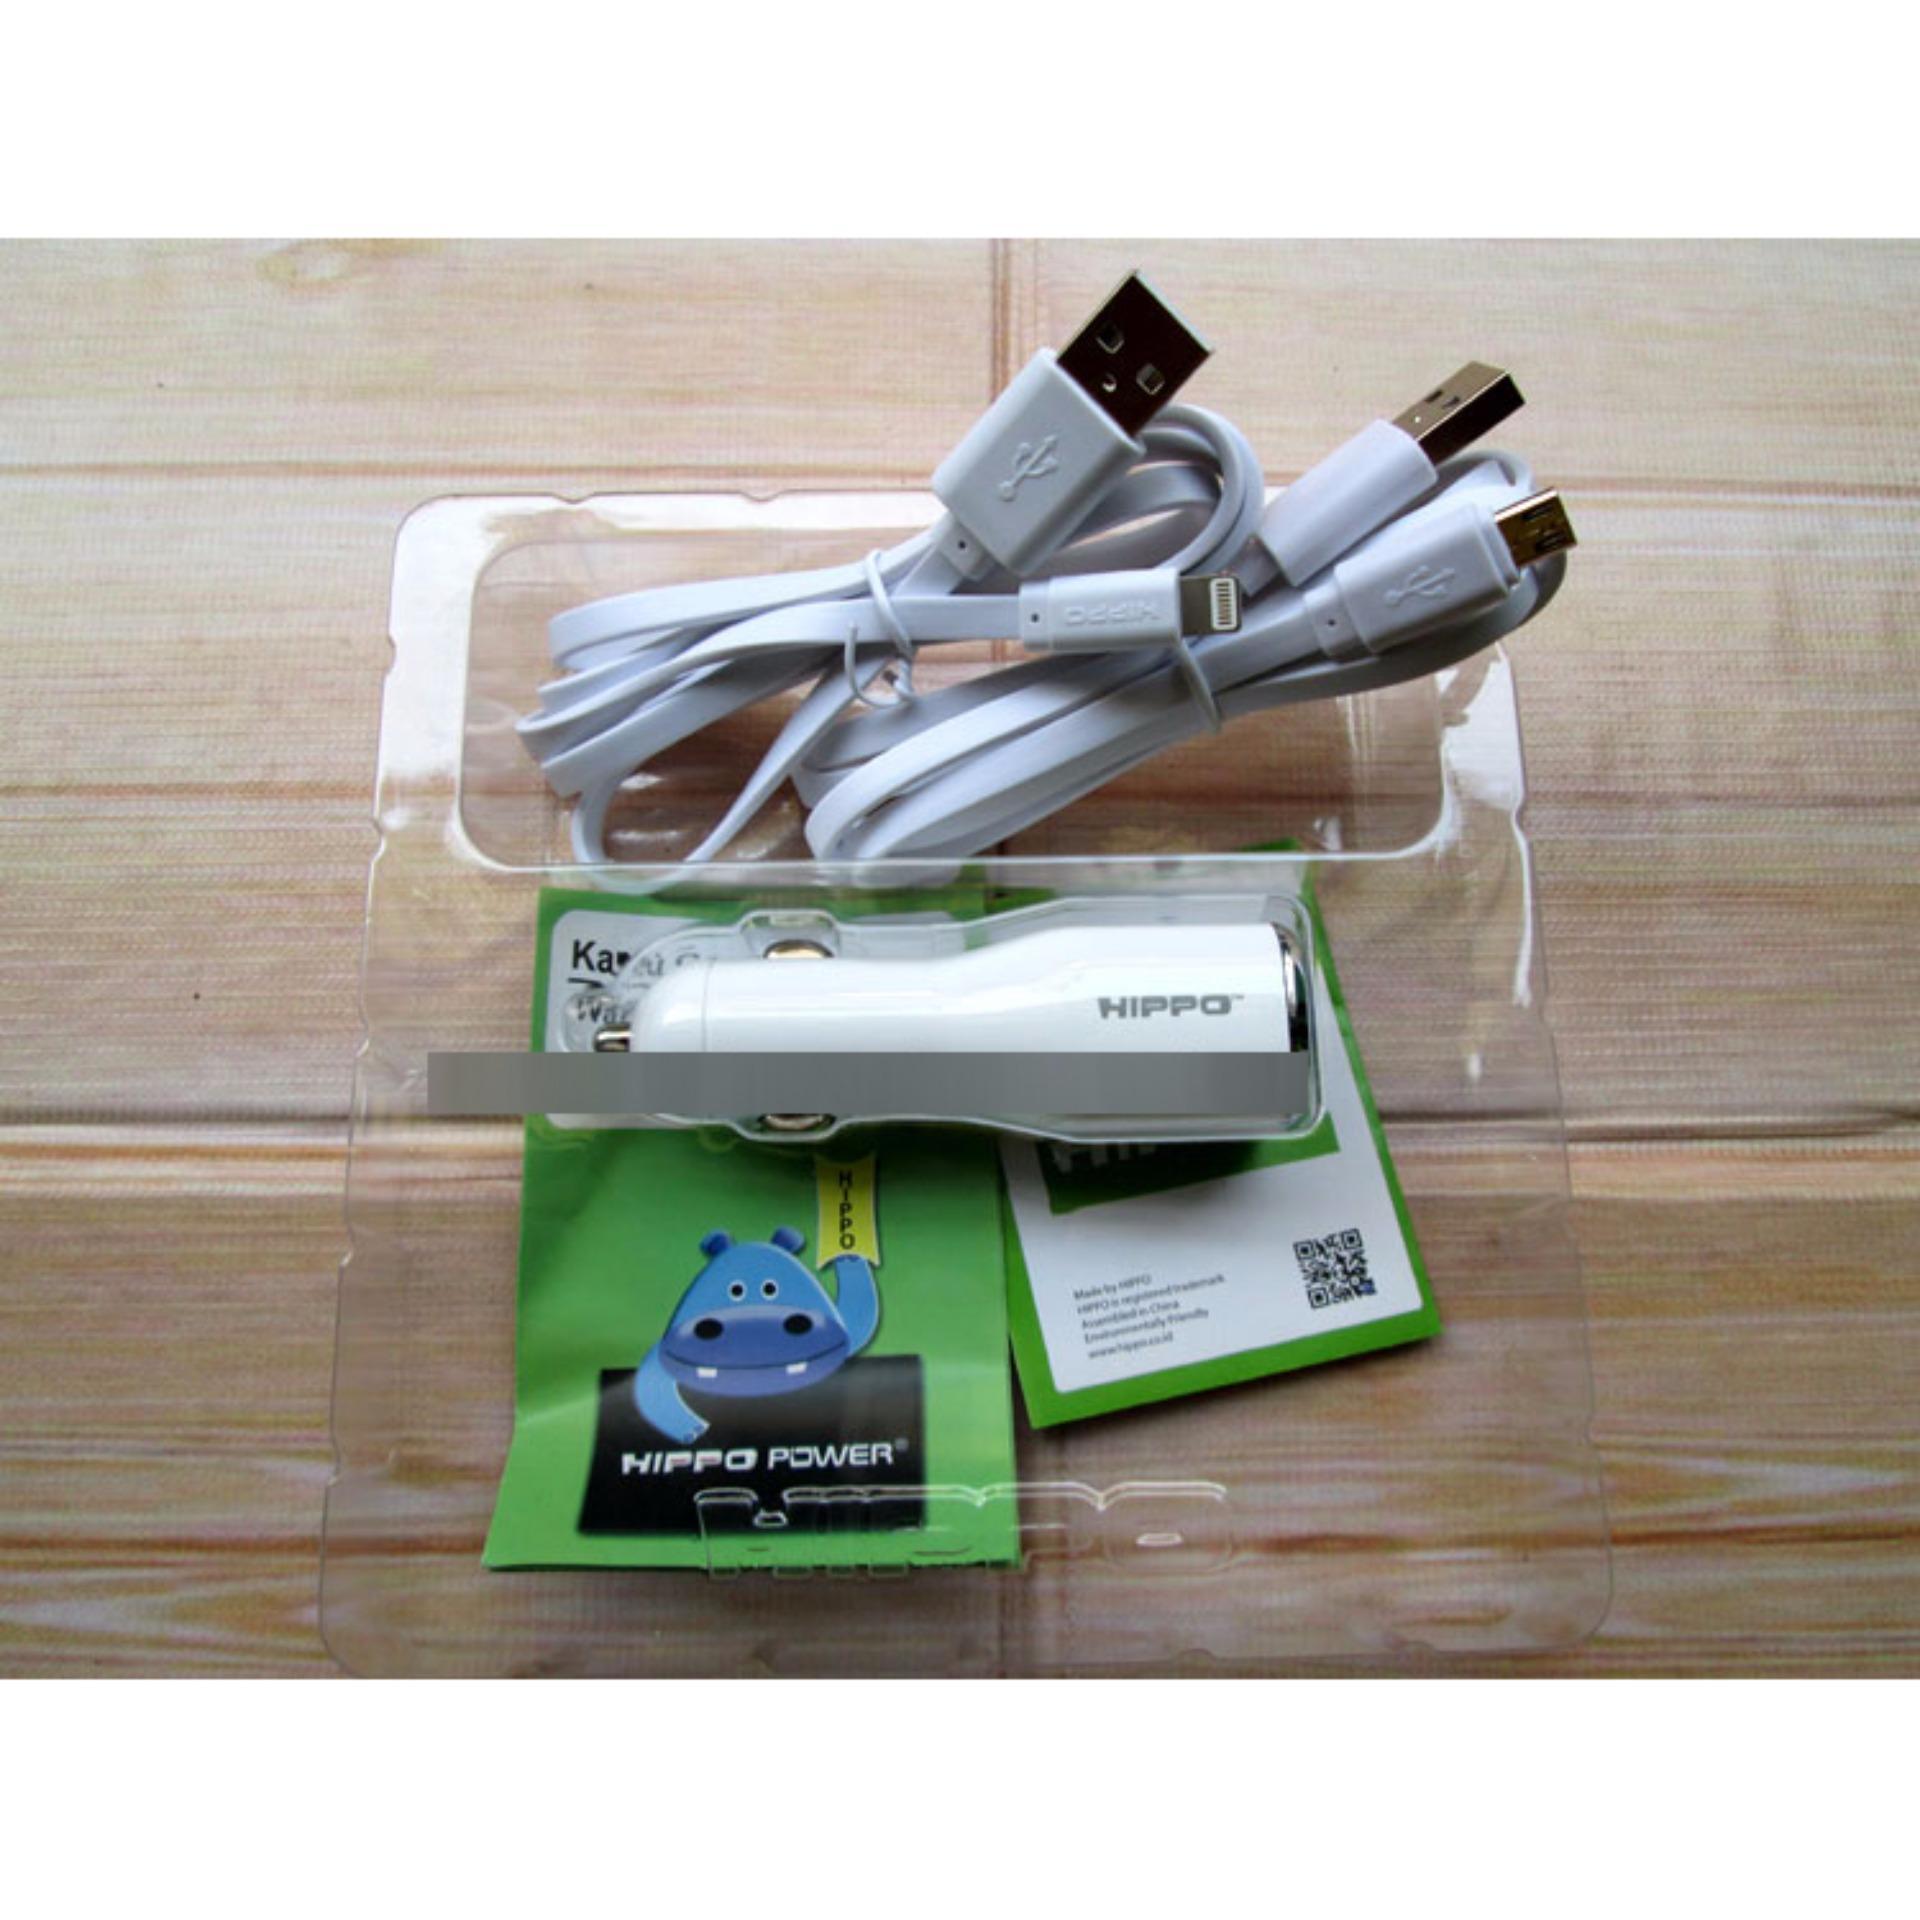 Hippo Car Charger Fantastic Value Pack Daftar Harga Penjualan Alf Vp 2 Usb 24 A Garansi Resmi Mobil Garansiresmi